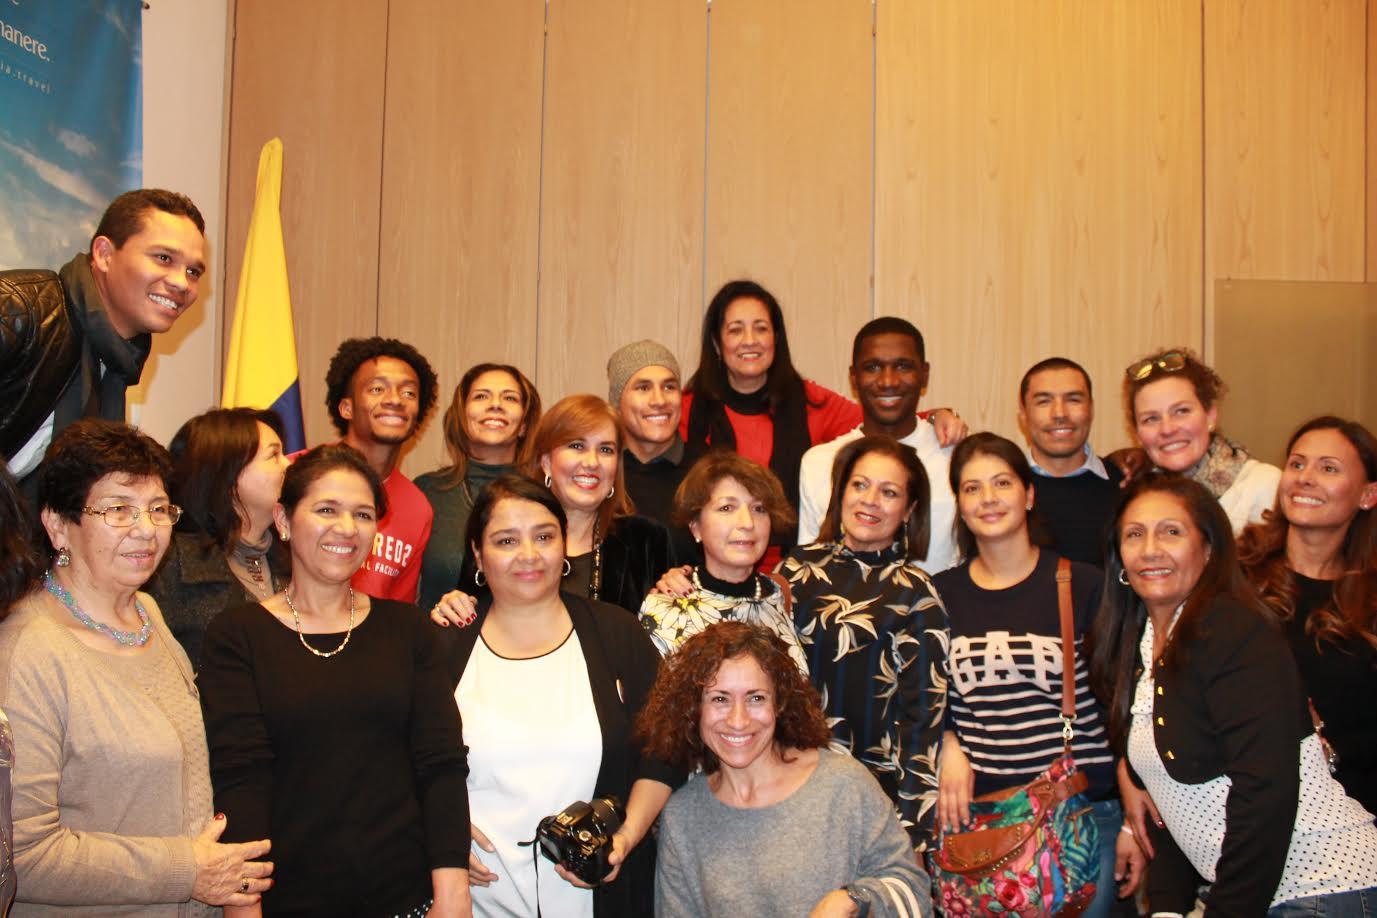 jugadores-de-la-seleccion-colombia-celebran-uno-noche-navidena-en-el-consulado-de-milan2